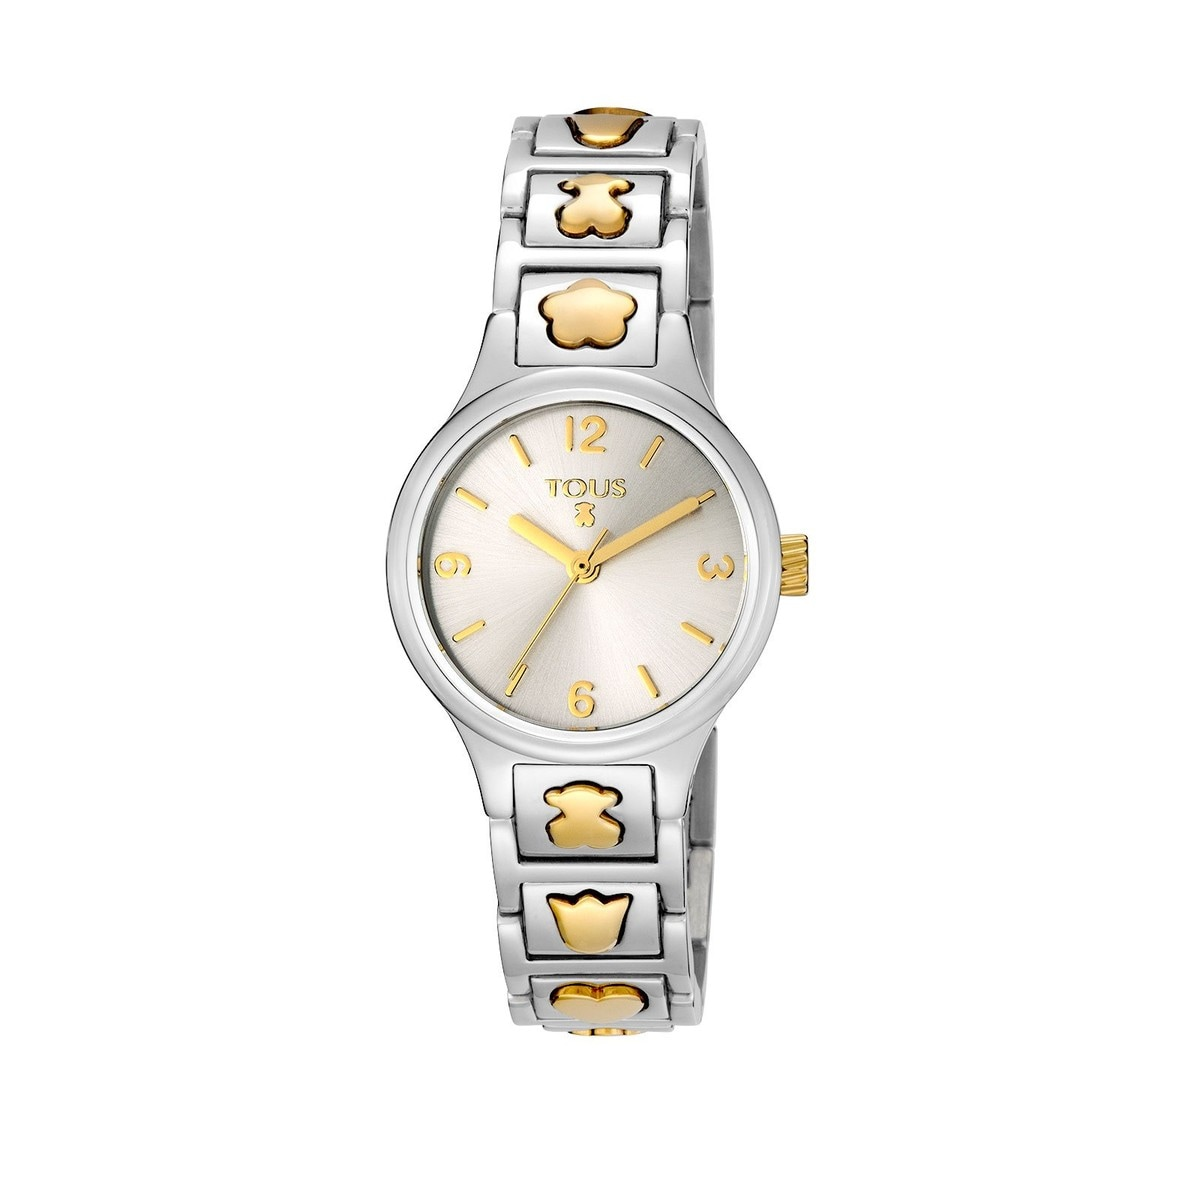 Reloj Dolls bicolor de acero/ IP dorado